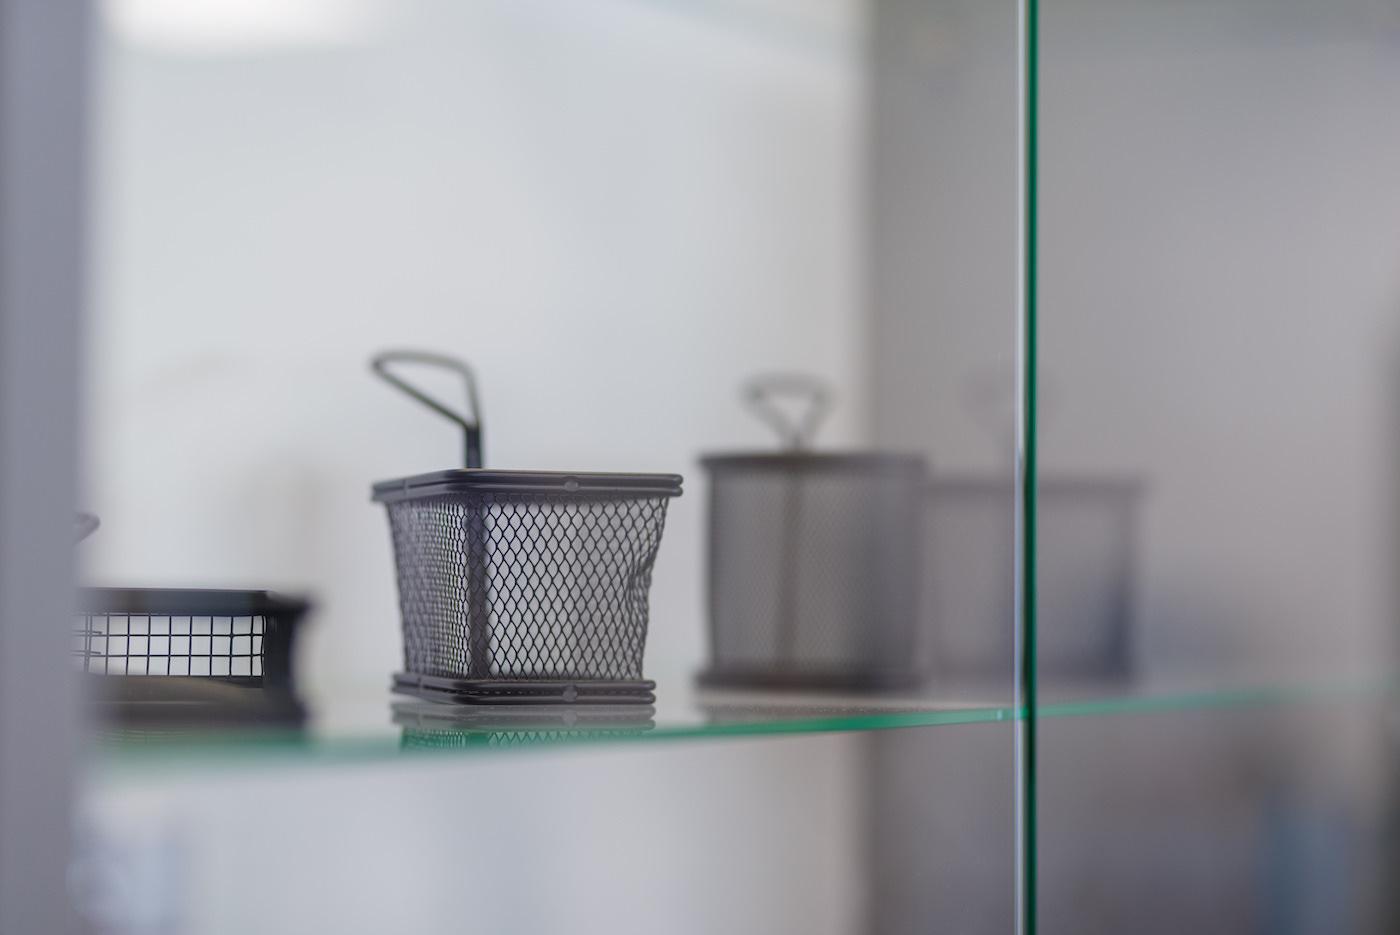 Metalowe koszyczki do podawania frytek